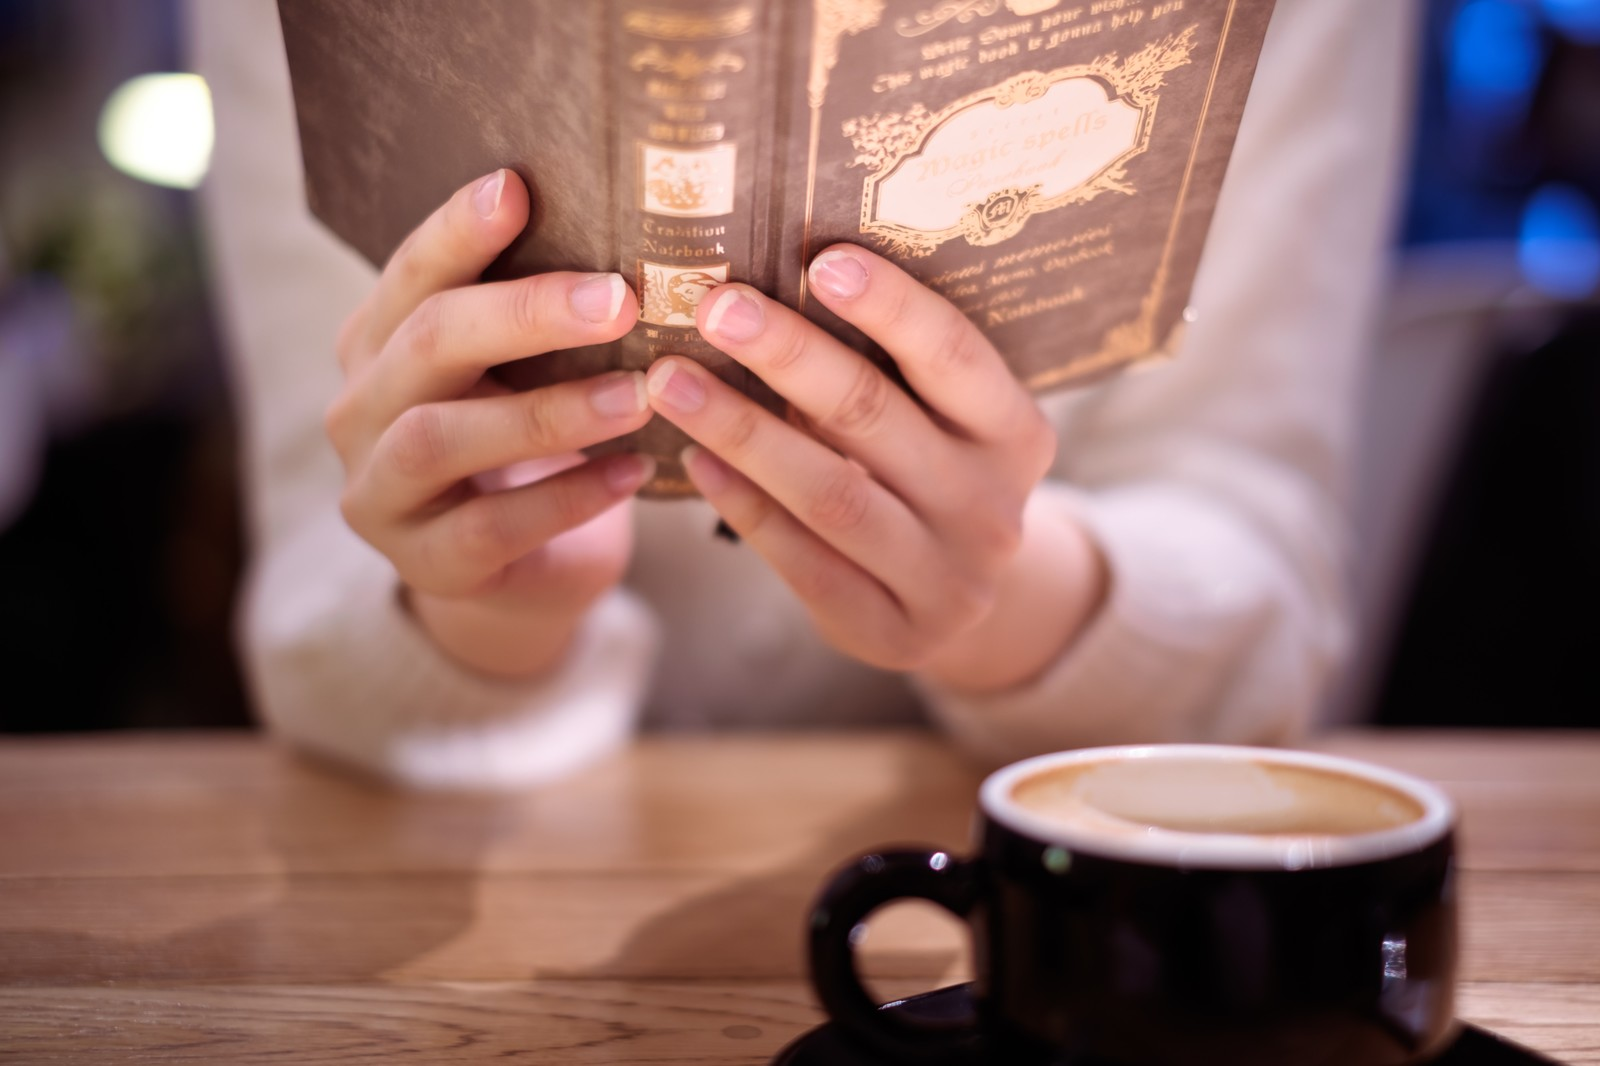 聖蹟桜ヶ丘のおすすめカフェまとめ!おしゃれな雰囲気の人気店をご紹介!